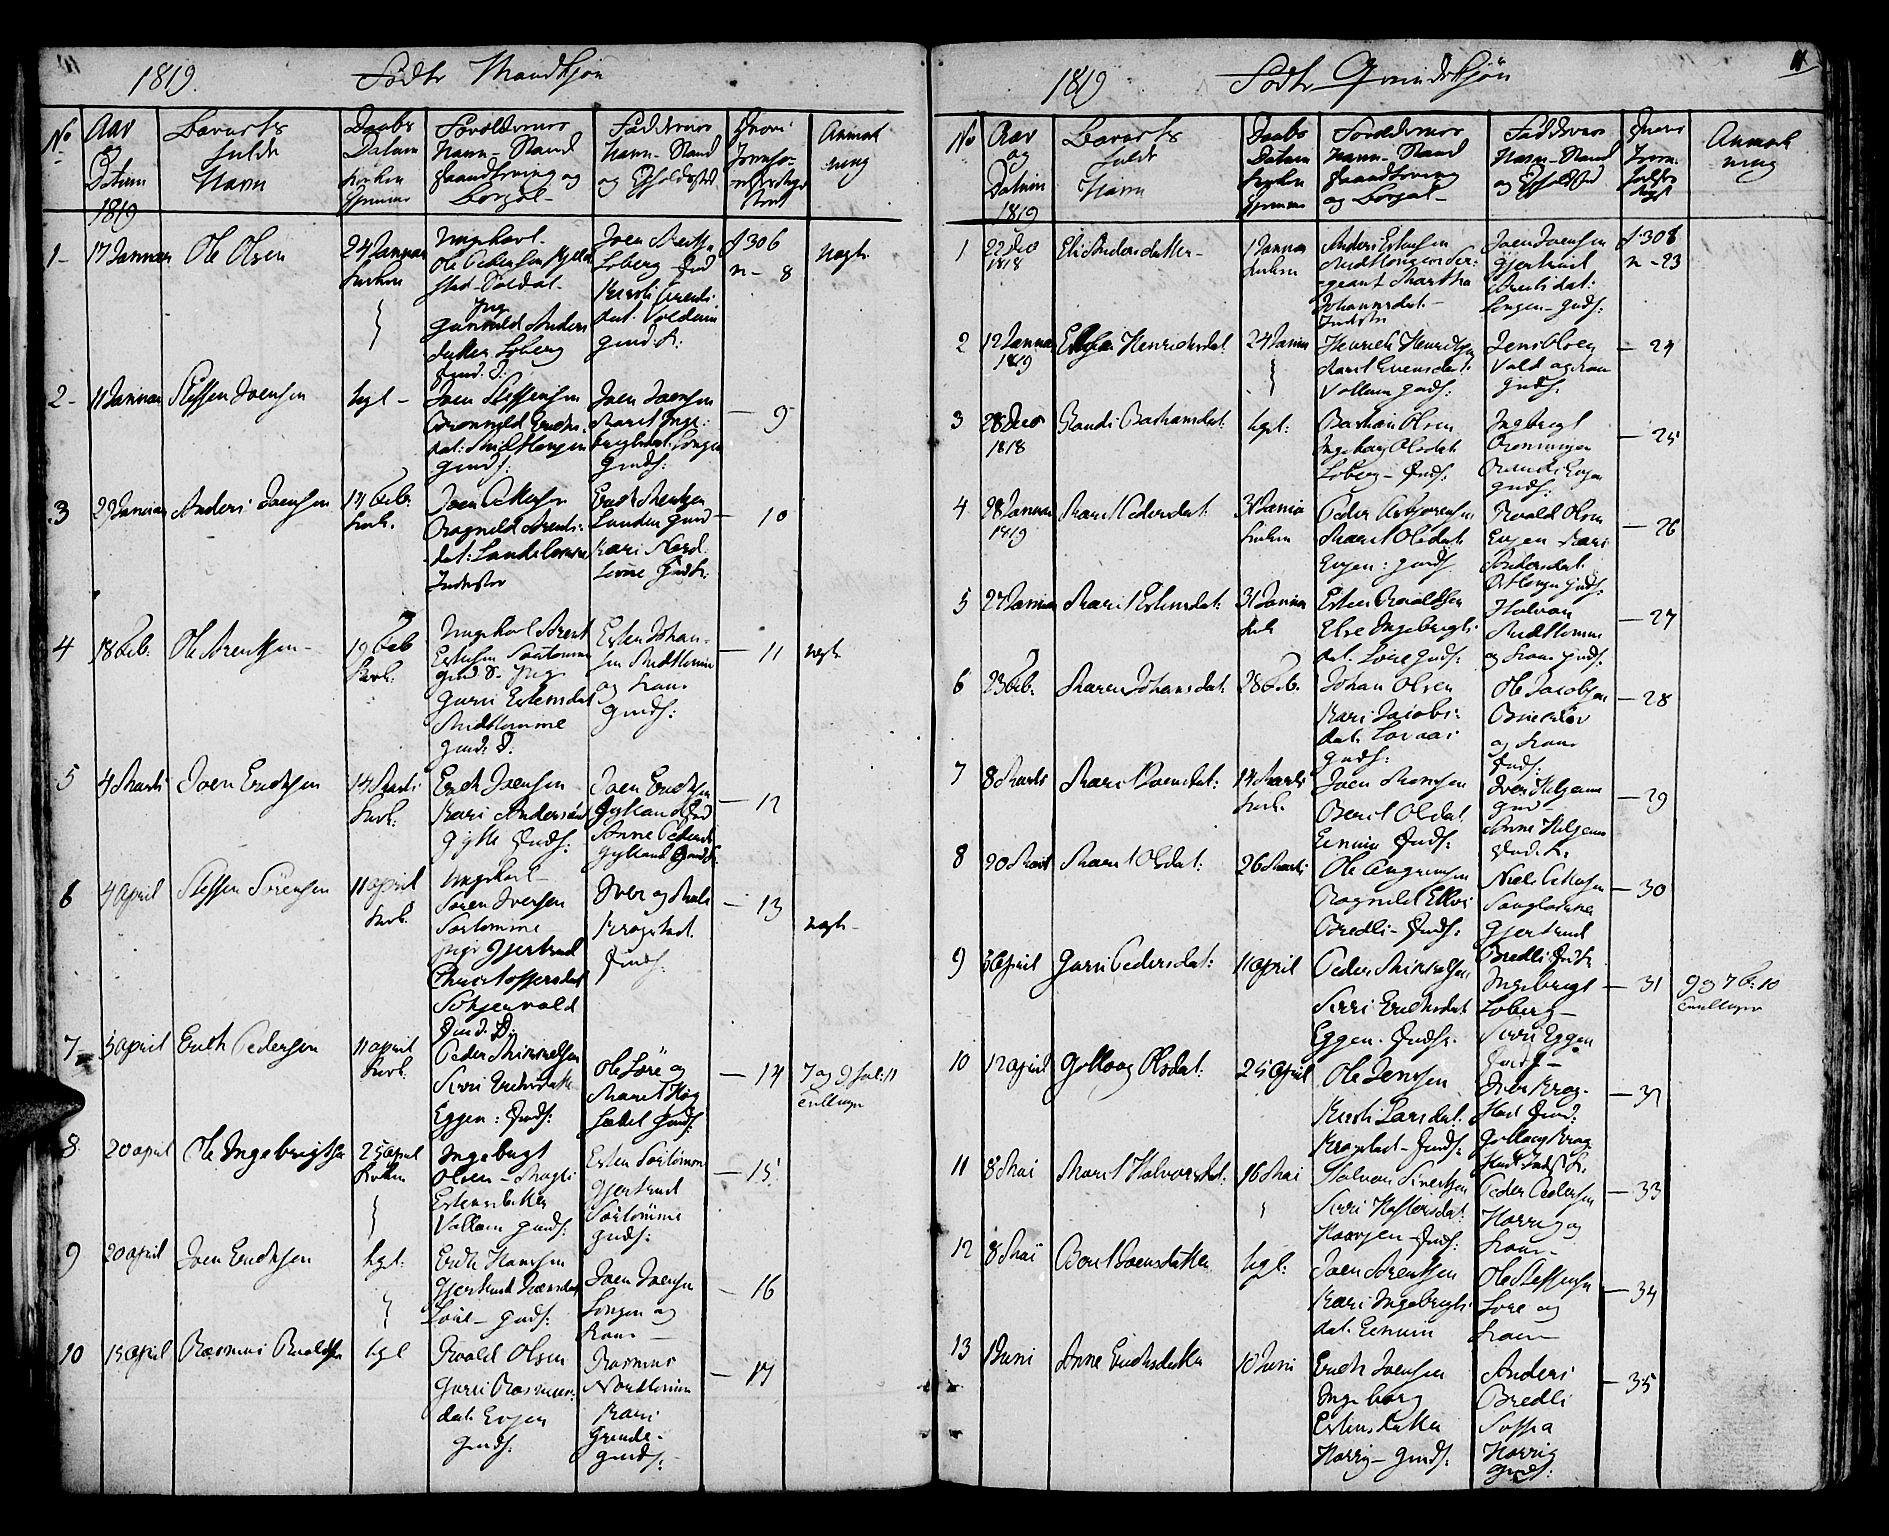 SAT, Ministerialprotokoller, klokkerbøker og fødselsregistre - Sør-Trøndelag, 692/L1108: Klokkerbok nr. 692C03, 1816-1833, s. 11